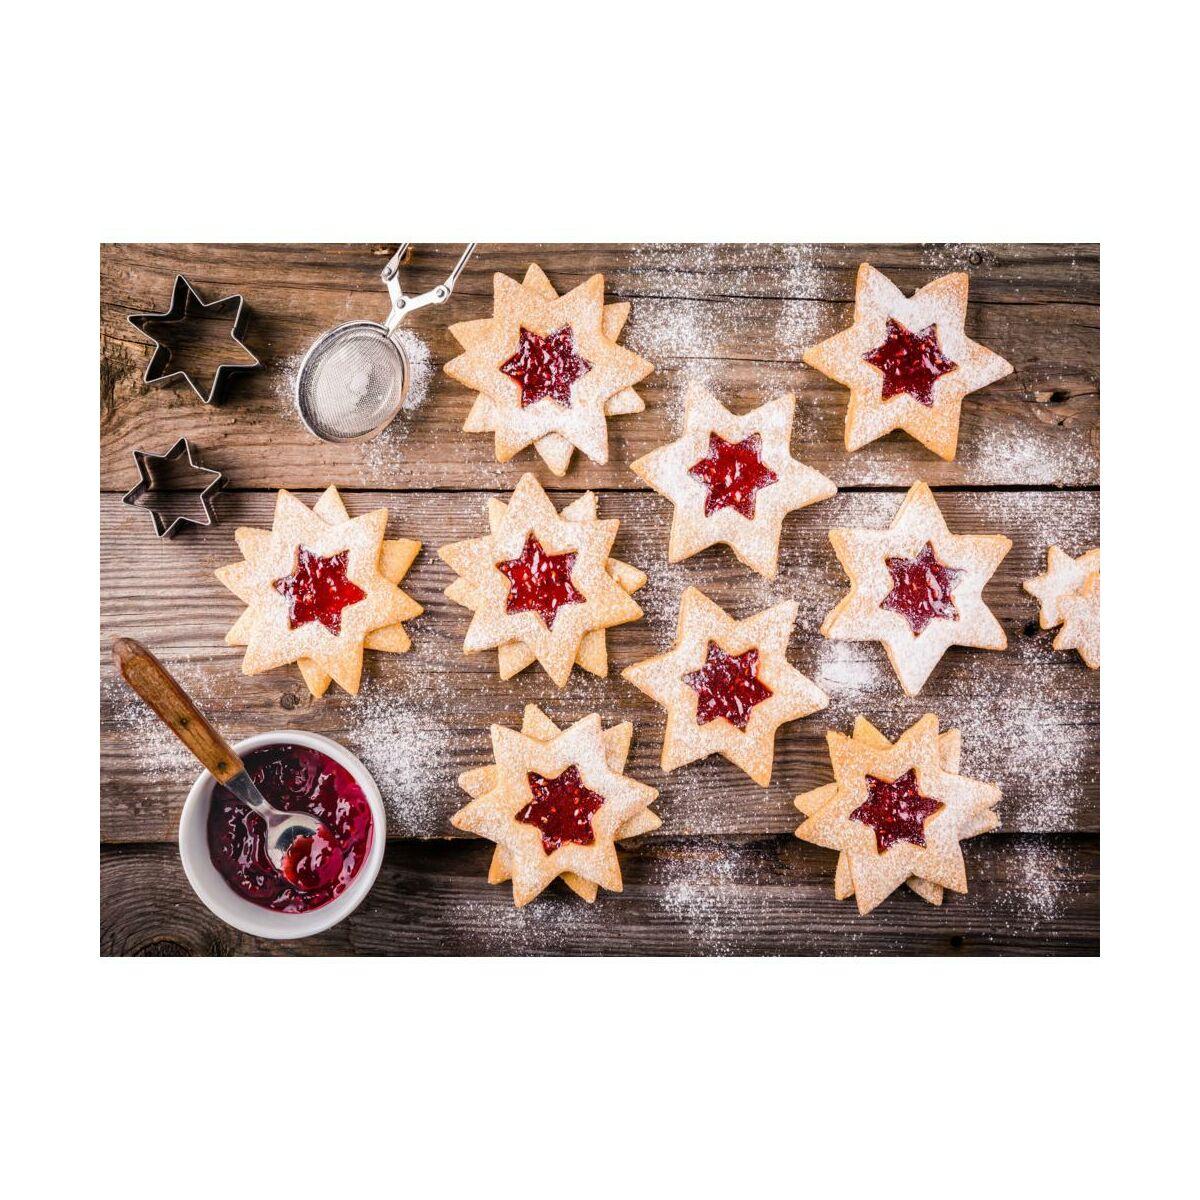 Deska kuchenna CHRISTMAS STARS ALFA-CER